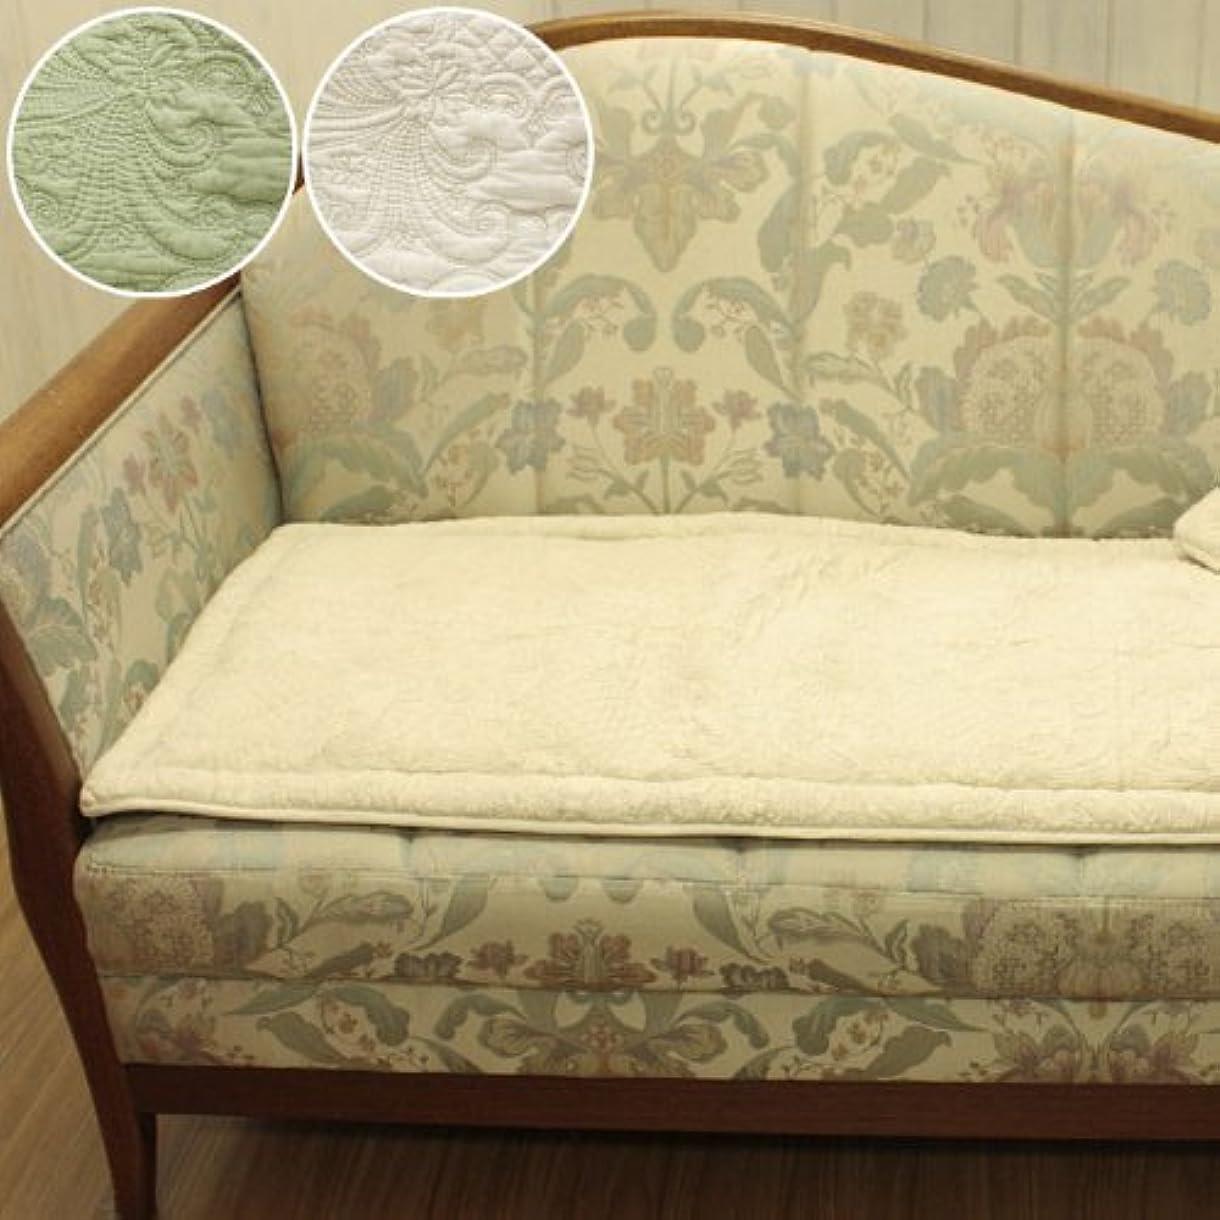 保護感動する寝具多針キルトロングシートクッション 約47x117cm ベージュ